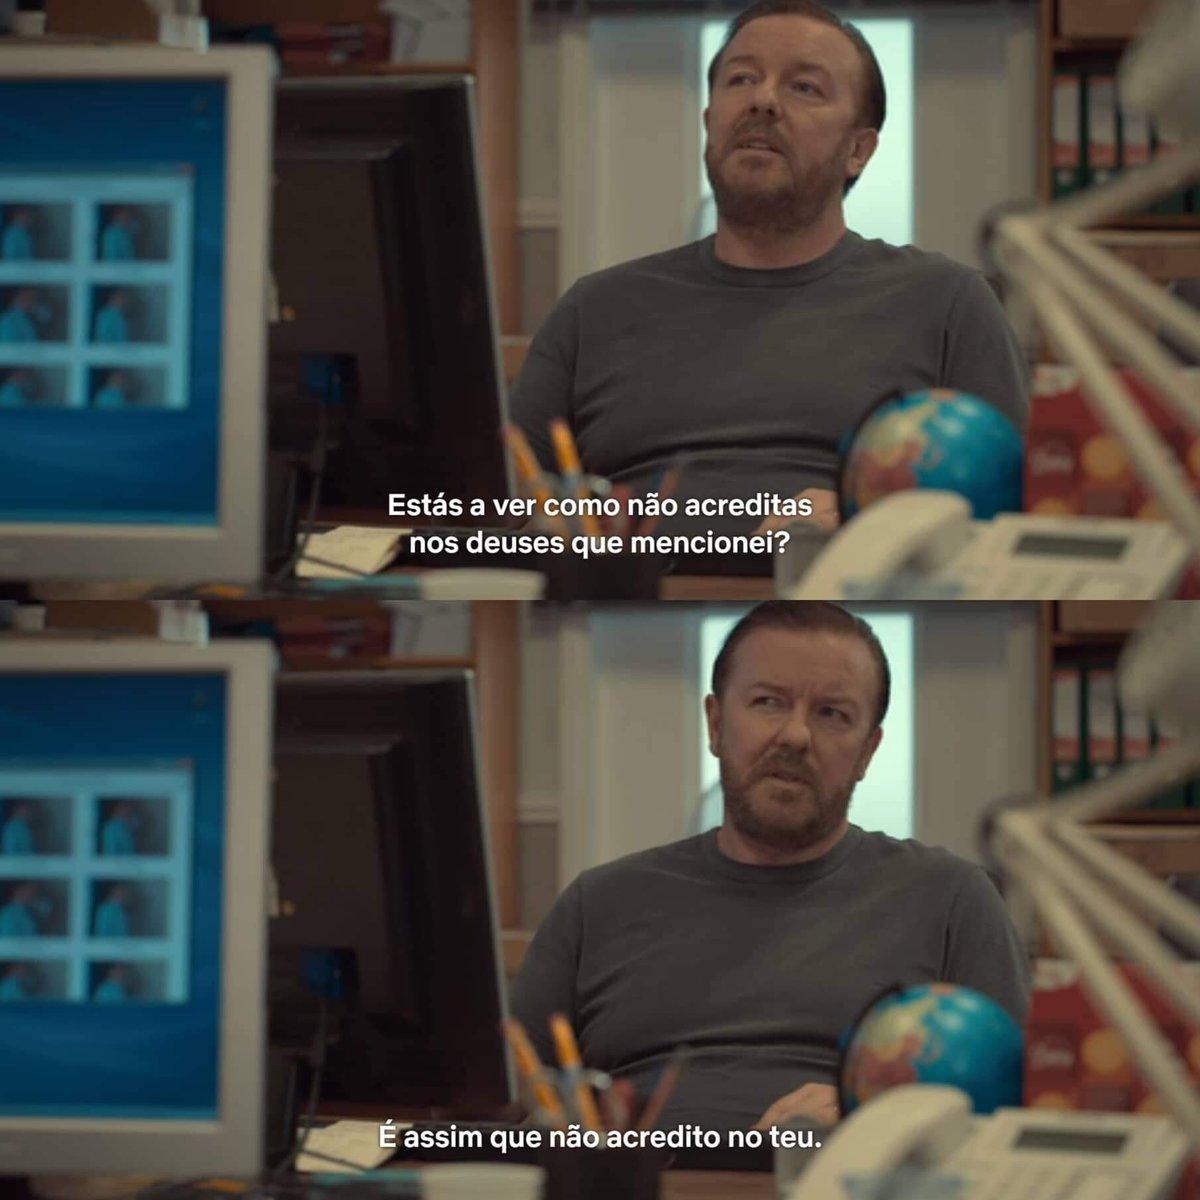 Com. Cultura e Arte's photo on Ricky Gervais